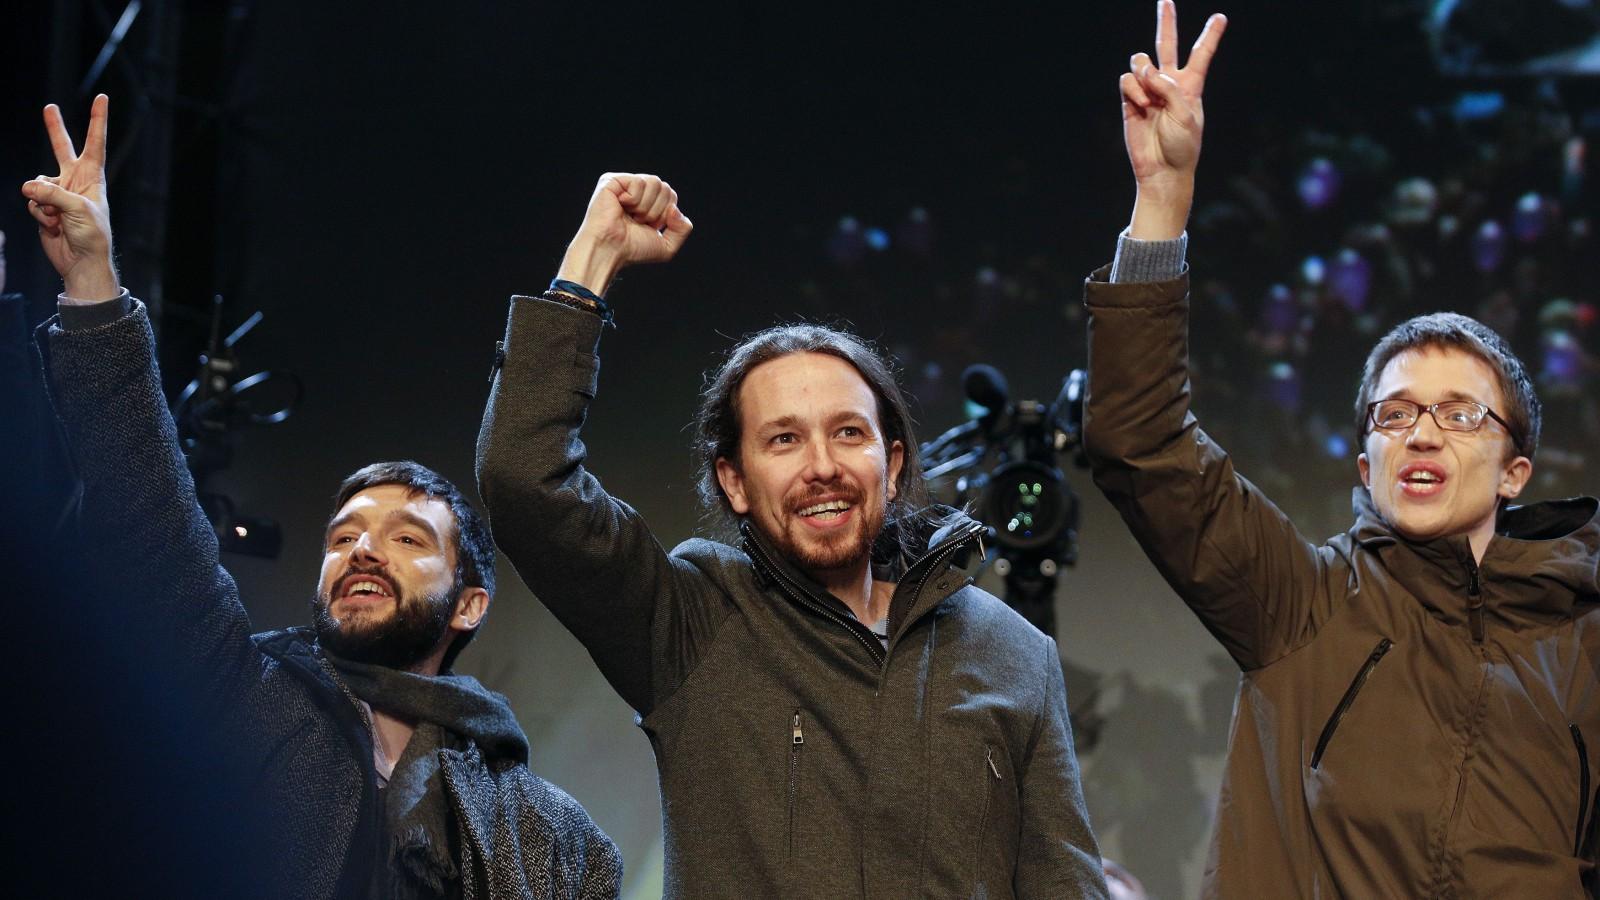 Pablo Iglesias of Podemos